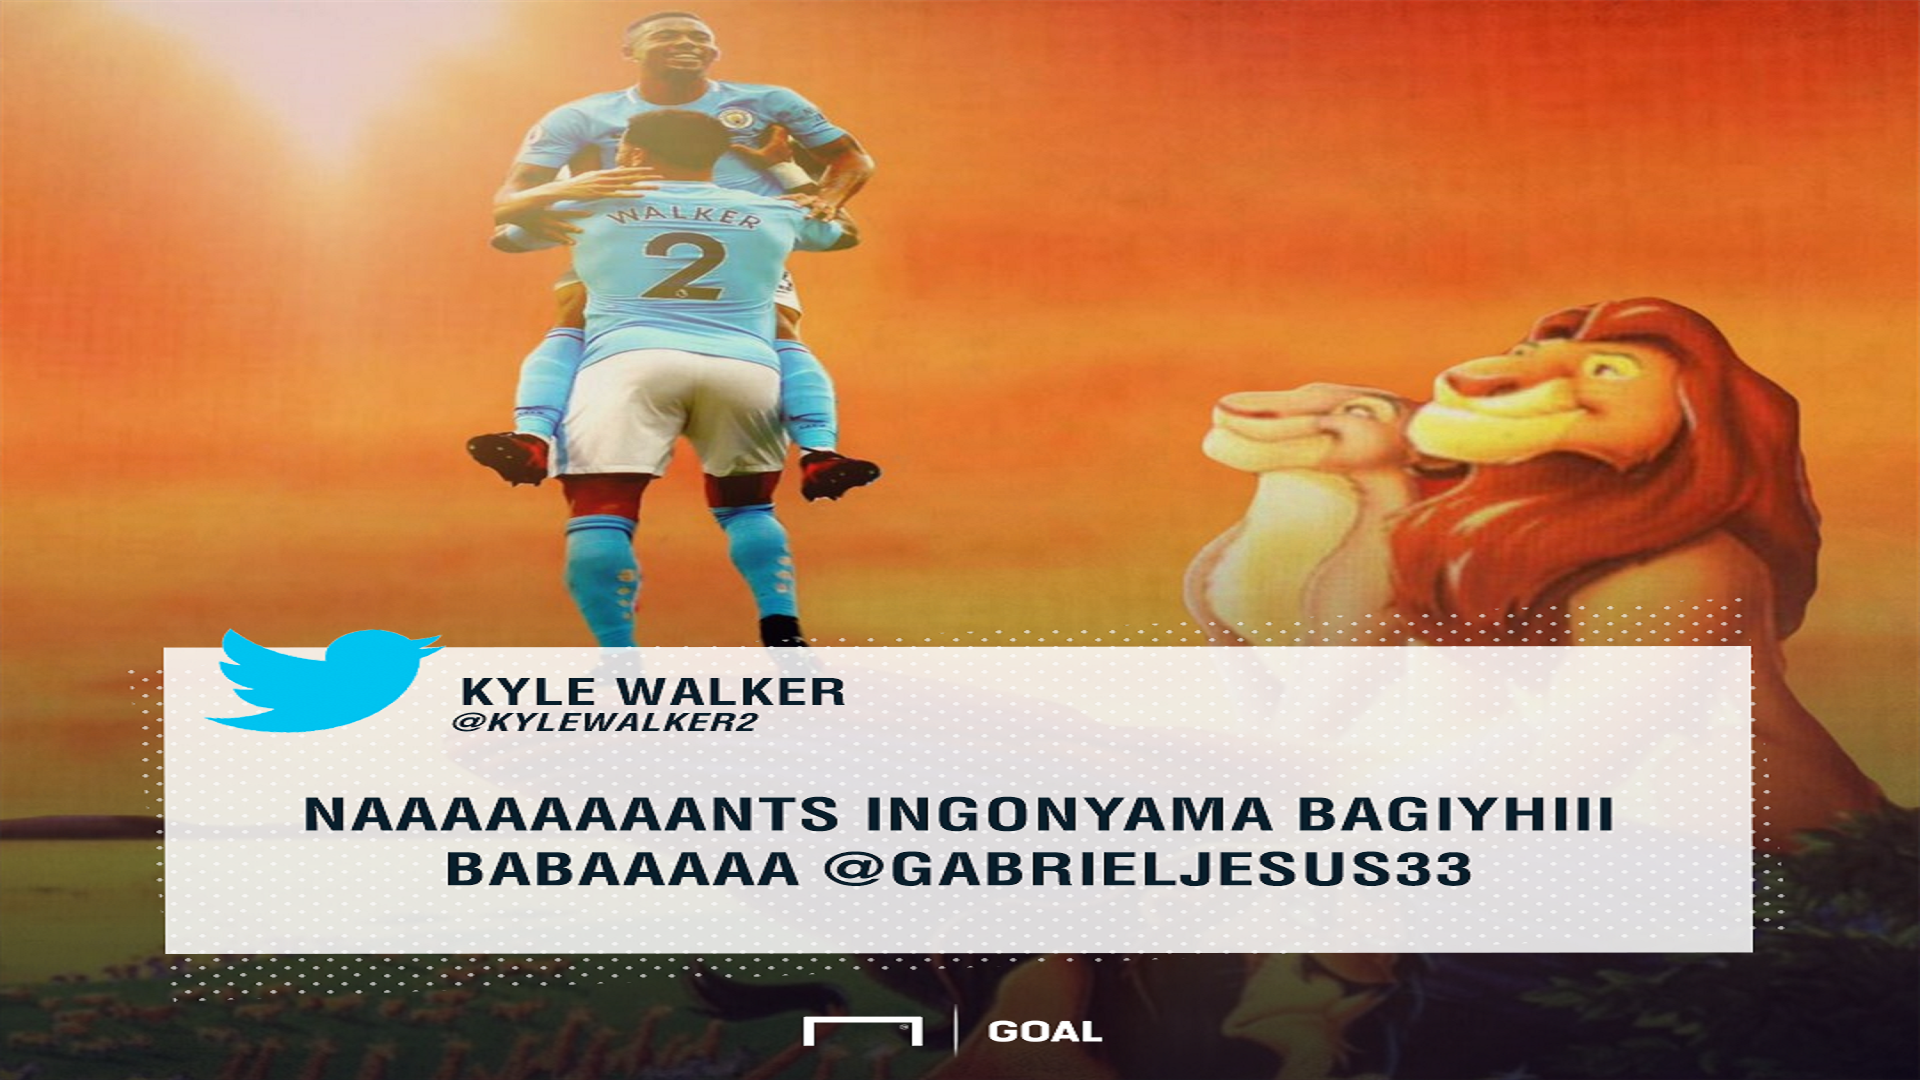 Kyle Walker Tweet